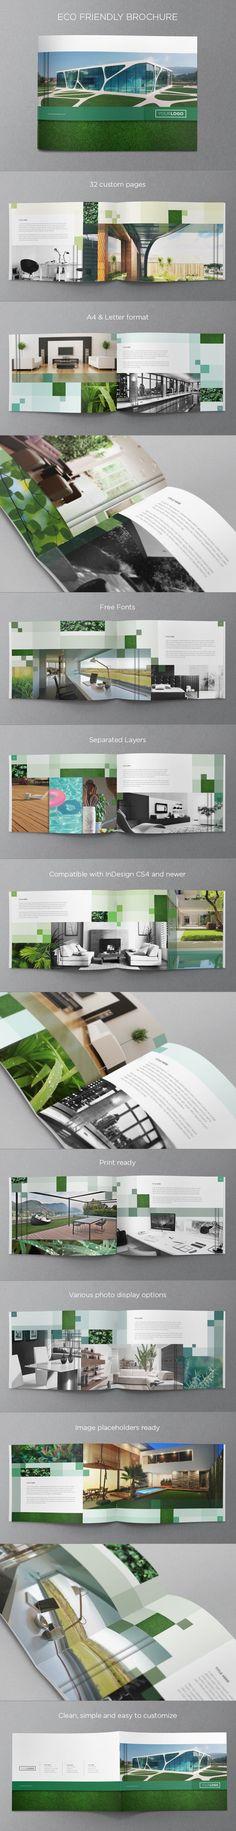 klasik katalog tasarim örnekleri catalog design http://www.gardentr.com/web-tasarim-blog/icerik/klasik-katalog-tasarimlari.html